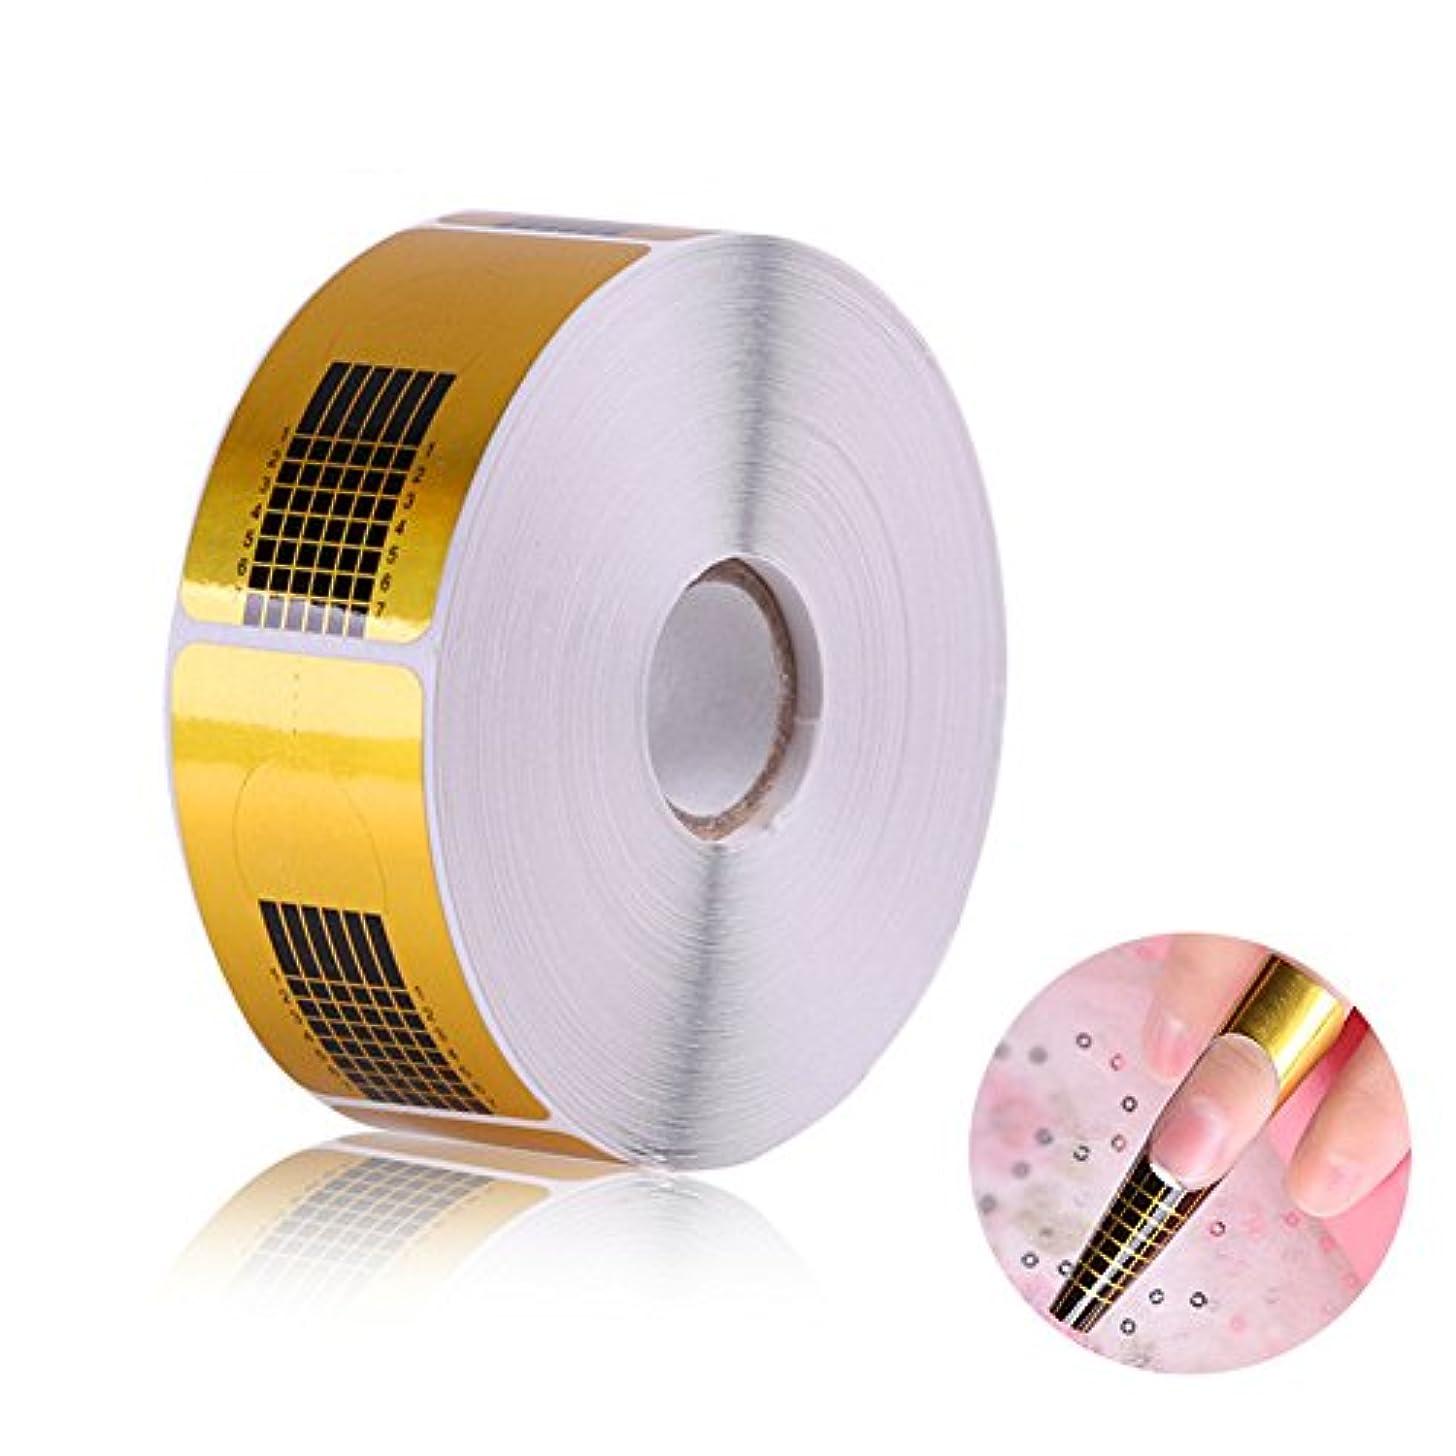 銀全員アミューズメント長さだしネイルフォームガイドテープ アクリル、UVジェルネイルチップエクステンションに適用なツール マニキュアネイルアートツール (500枚)